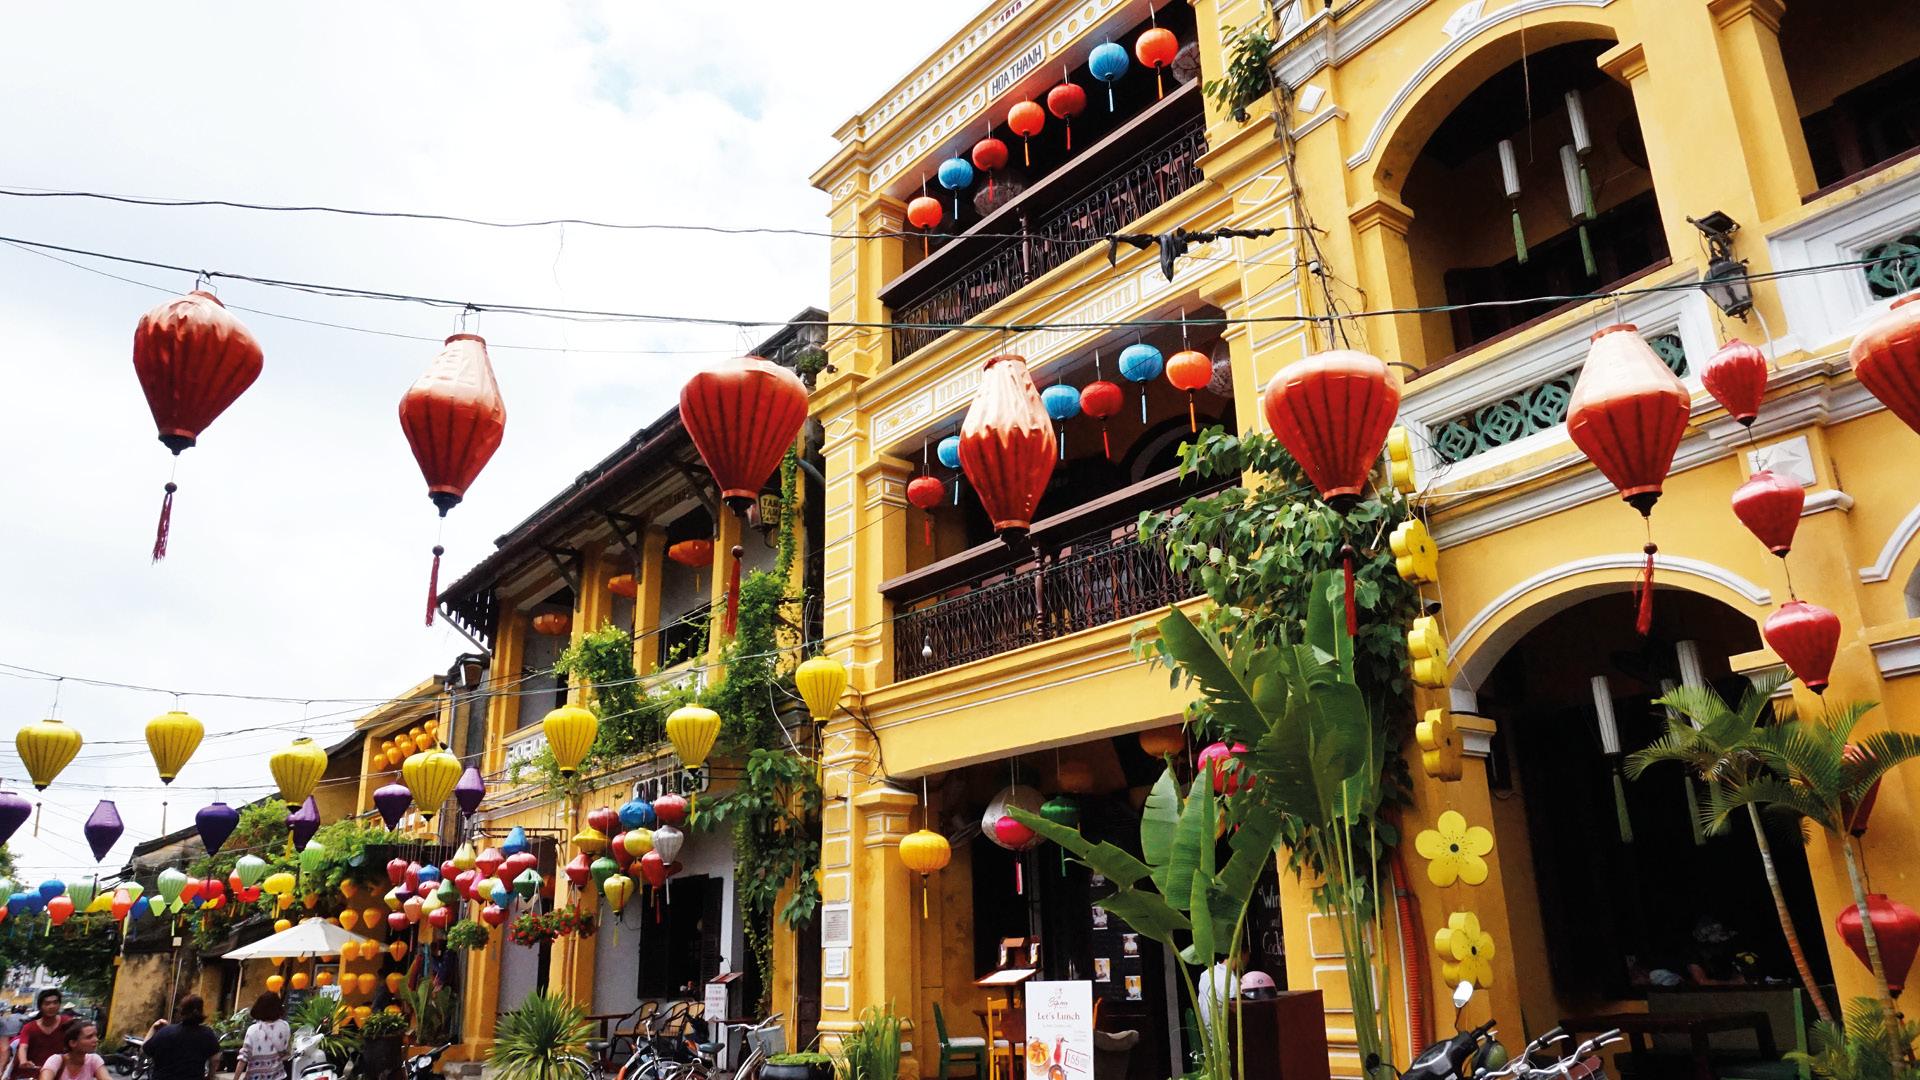 HOI AN het mooiste plaatsje van Vietnam REiSREPORT